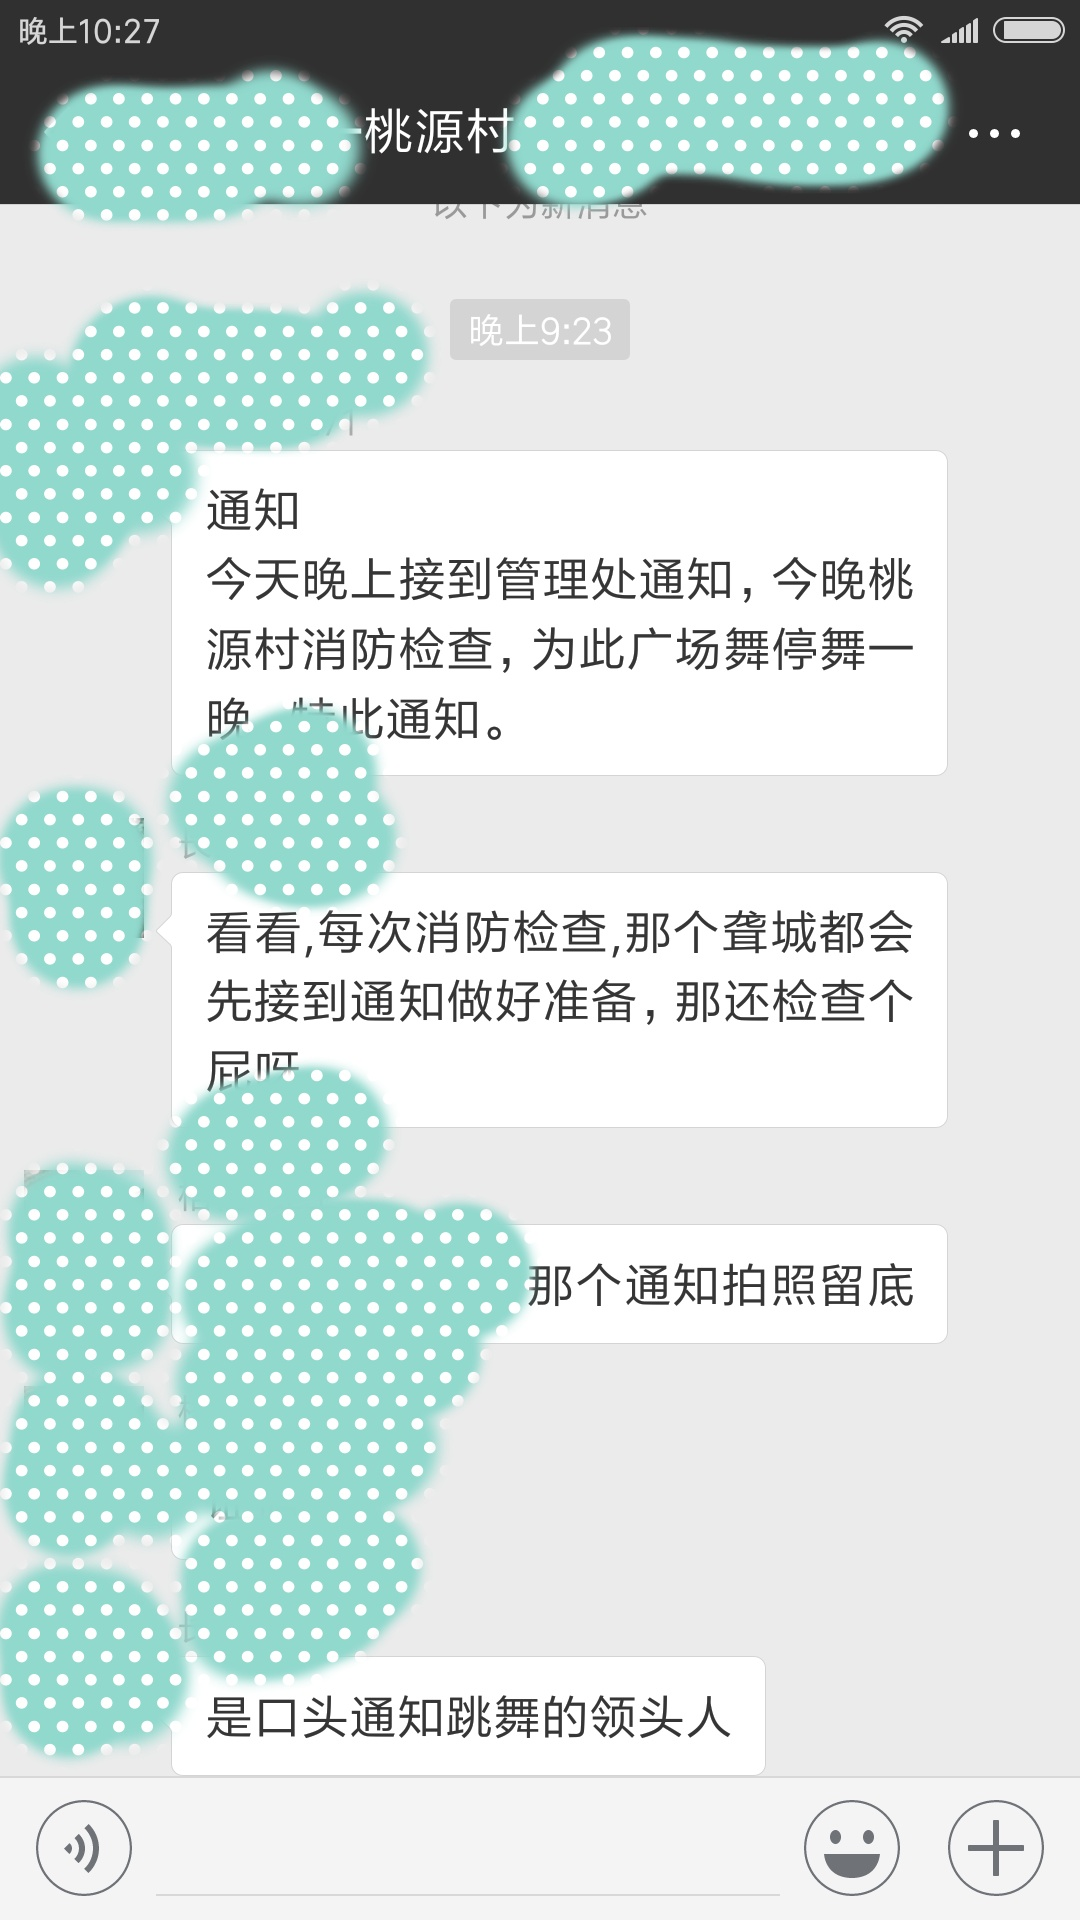 Screenshot_2018-09-05-22-27-58-700_com.tencent.mm.png